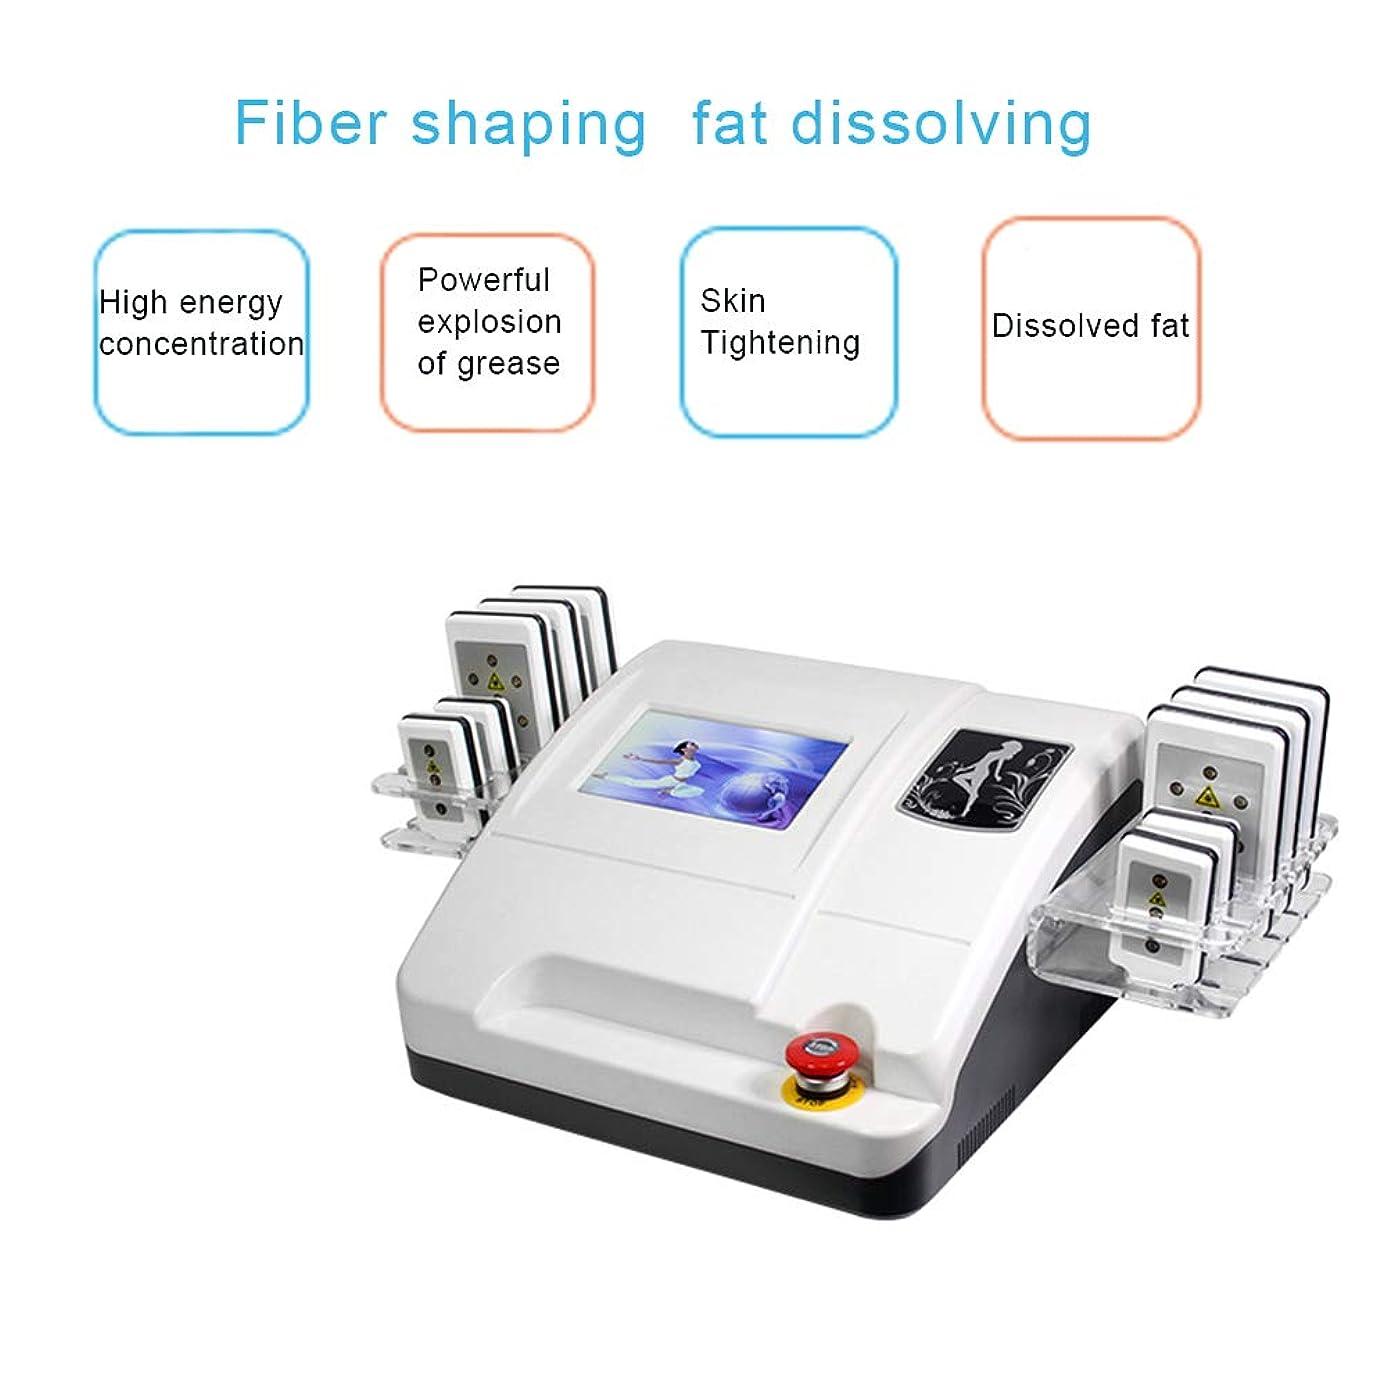 鳴らすパスベリー脂肪除去機、脂肪除去スリミングマシン、アンチエイジングフェイシャルスキンマッサージケアツール、フェイシャルリフティングマシン